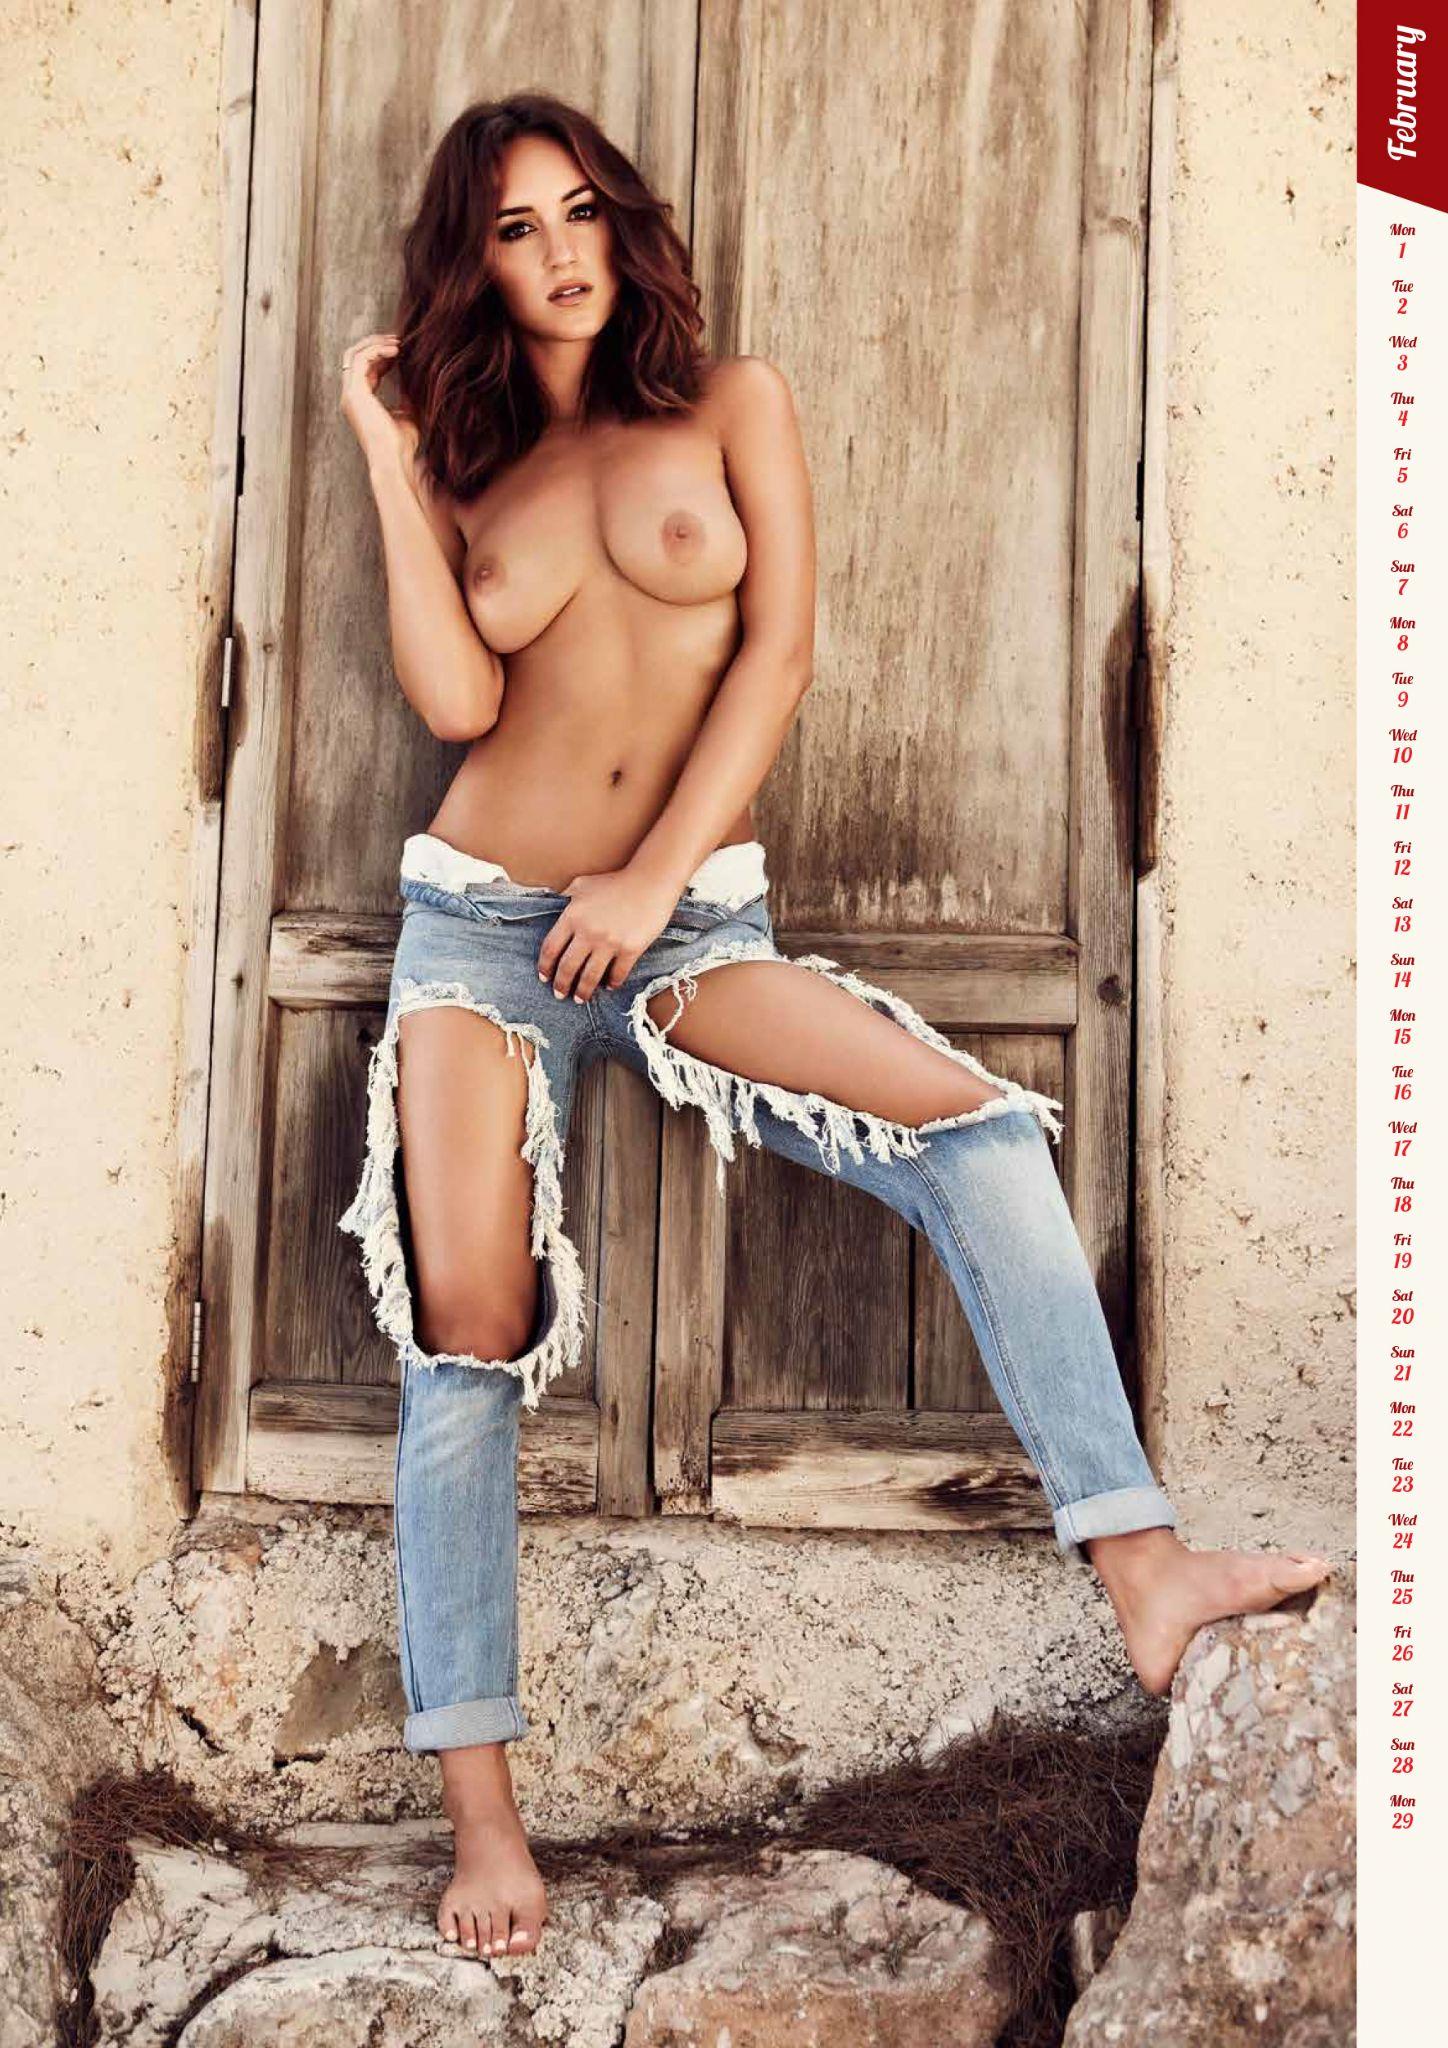 Rosie Jones Sexy & Topless (3 Photo)